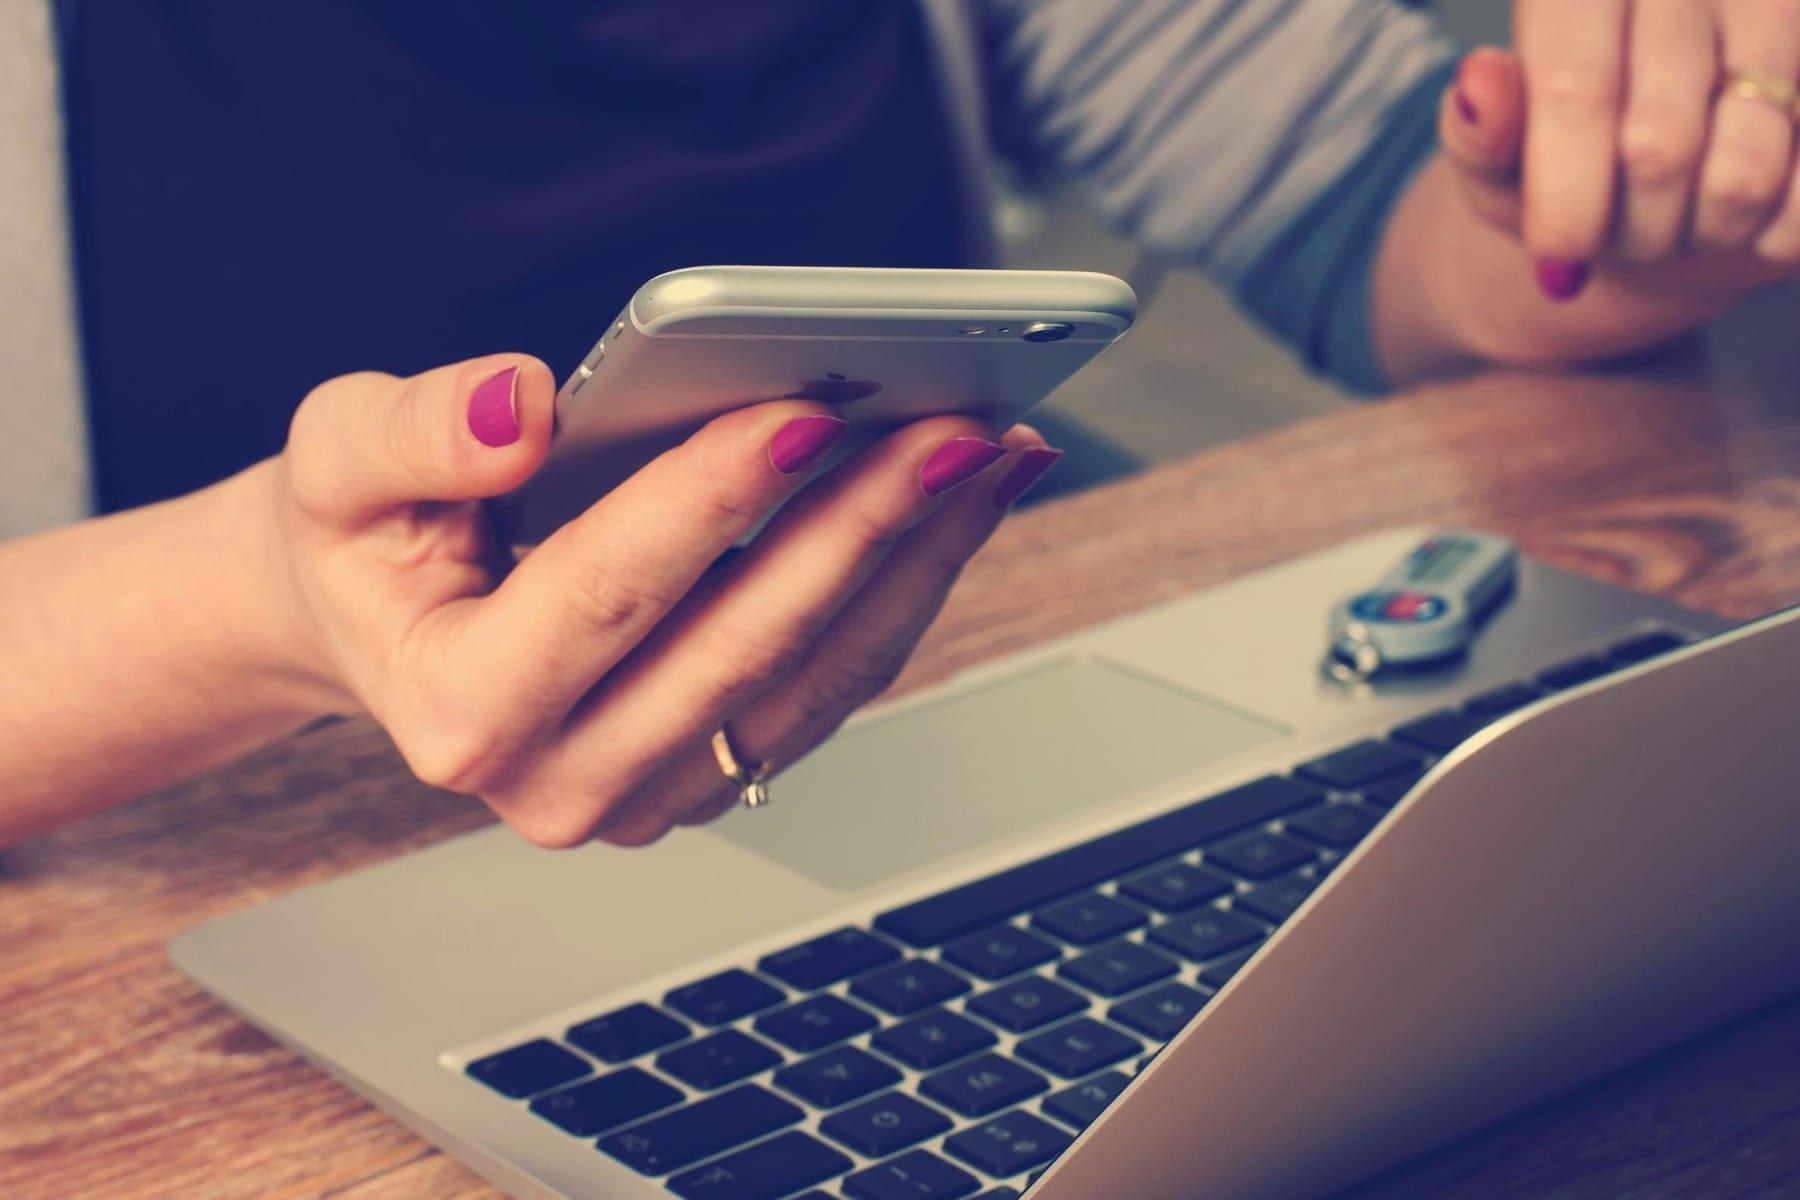 2 В России ввели налог на смартфоны планшеты и другие устройства